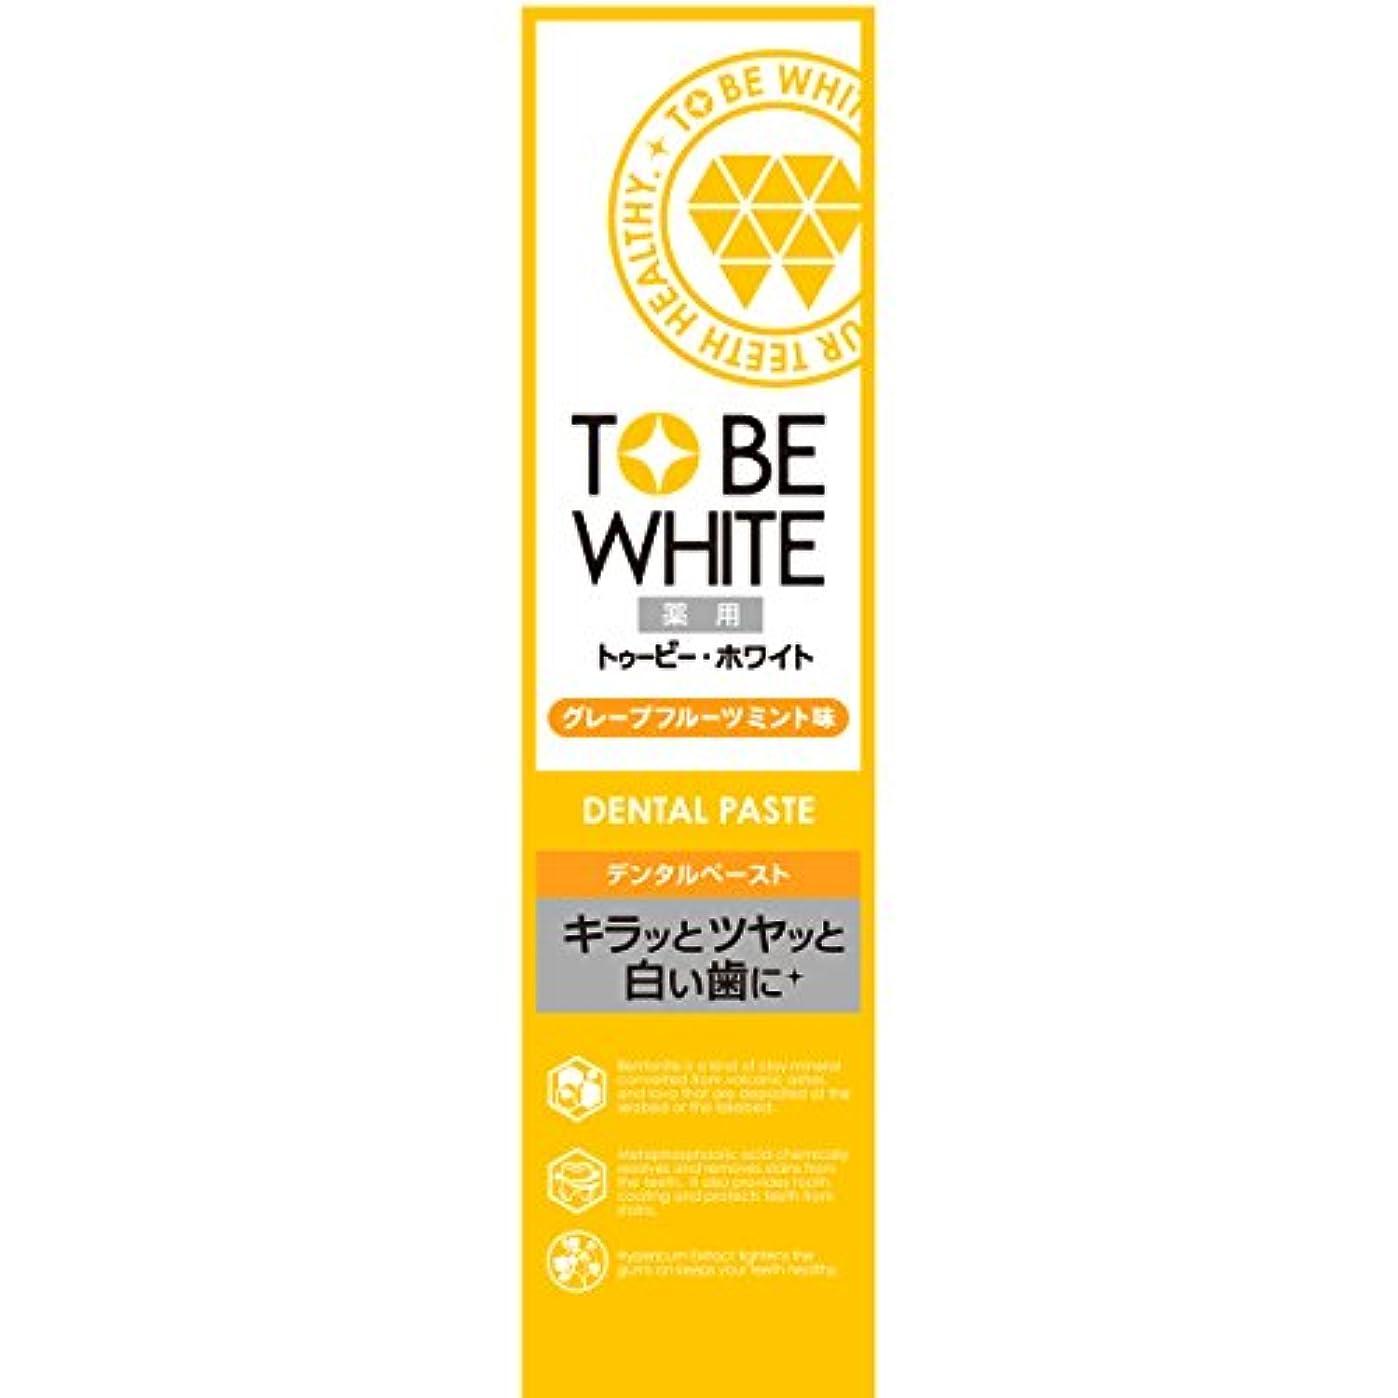 あえてスティーブンソン違反トゥービー?ホワイト 薬用 ホワイトニング ハミガキ粉 グレープフルーツミント 味 60g 【医薬部外品】